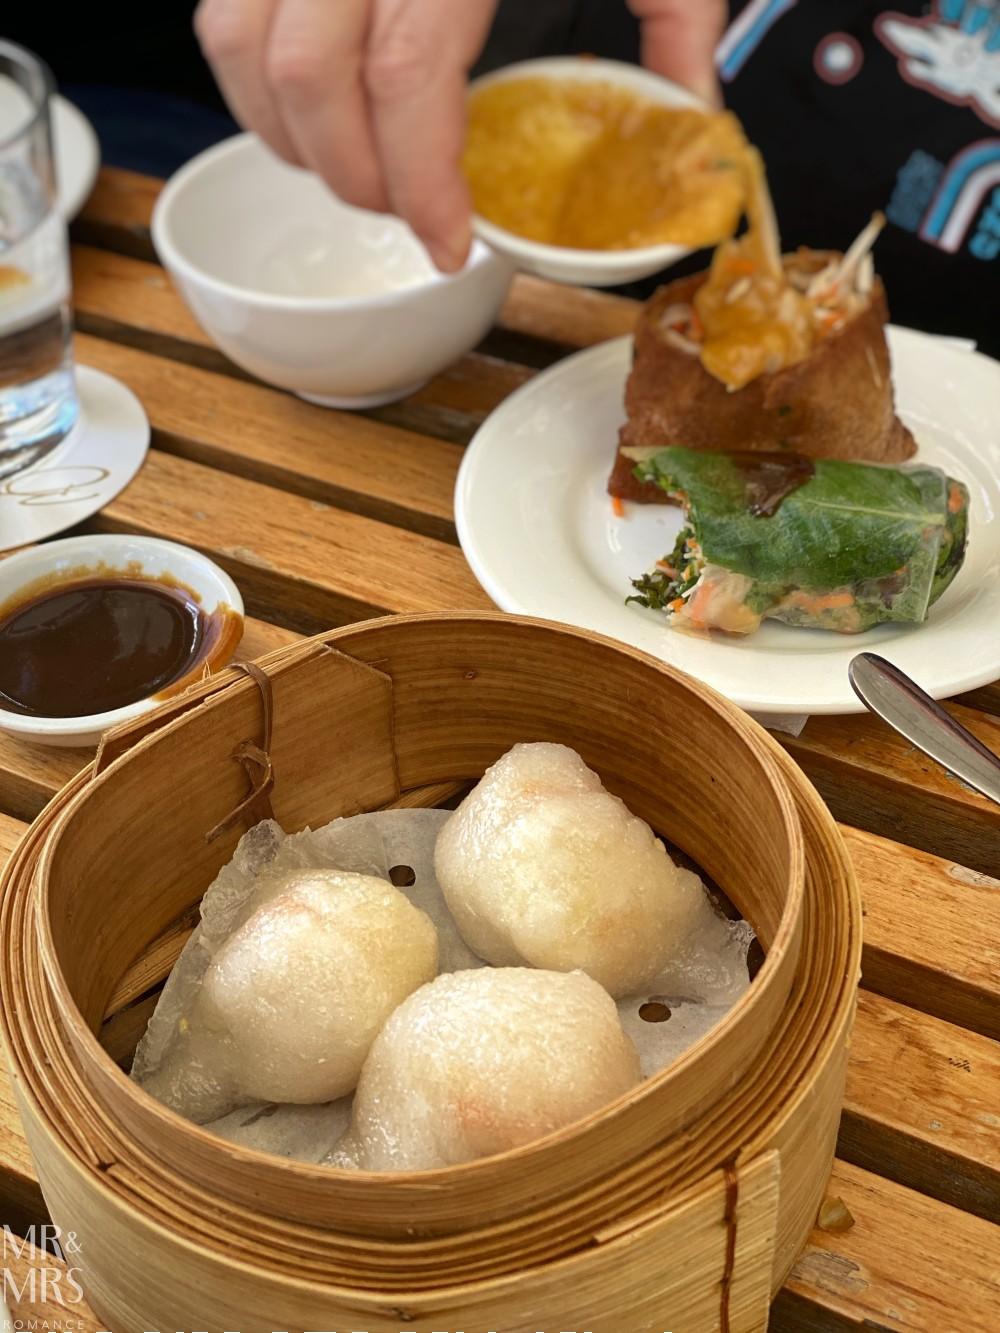 Bodhi vegan yum cha - vegan prawn dumplings